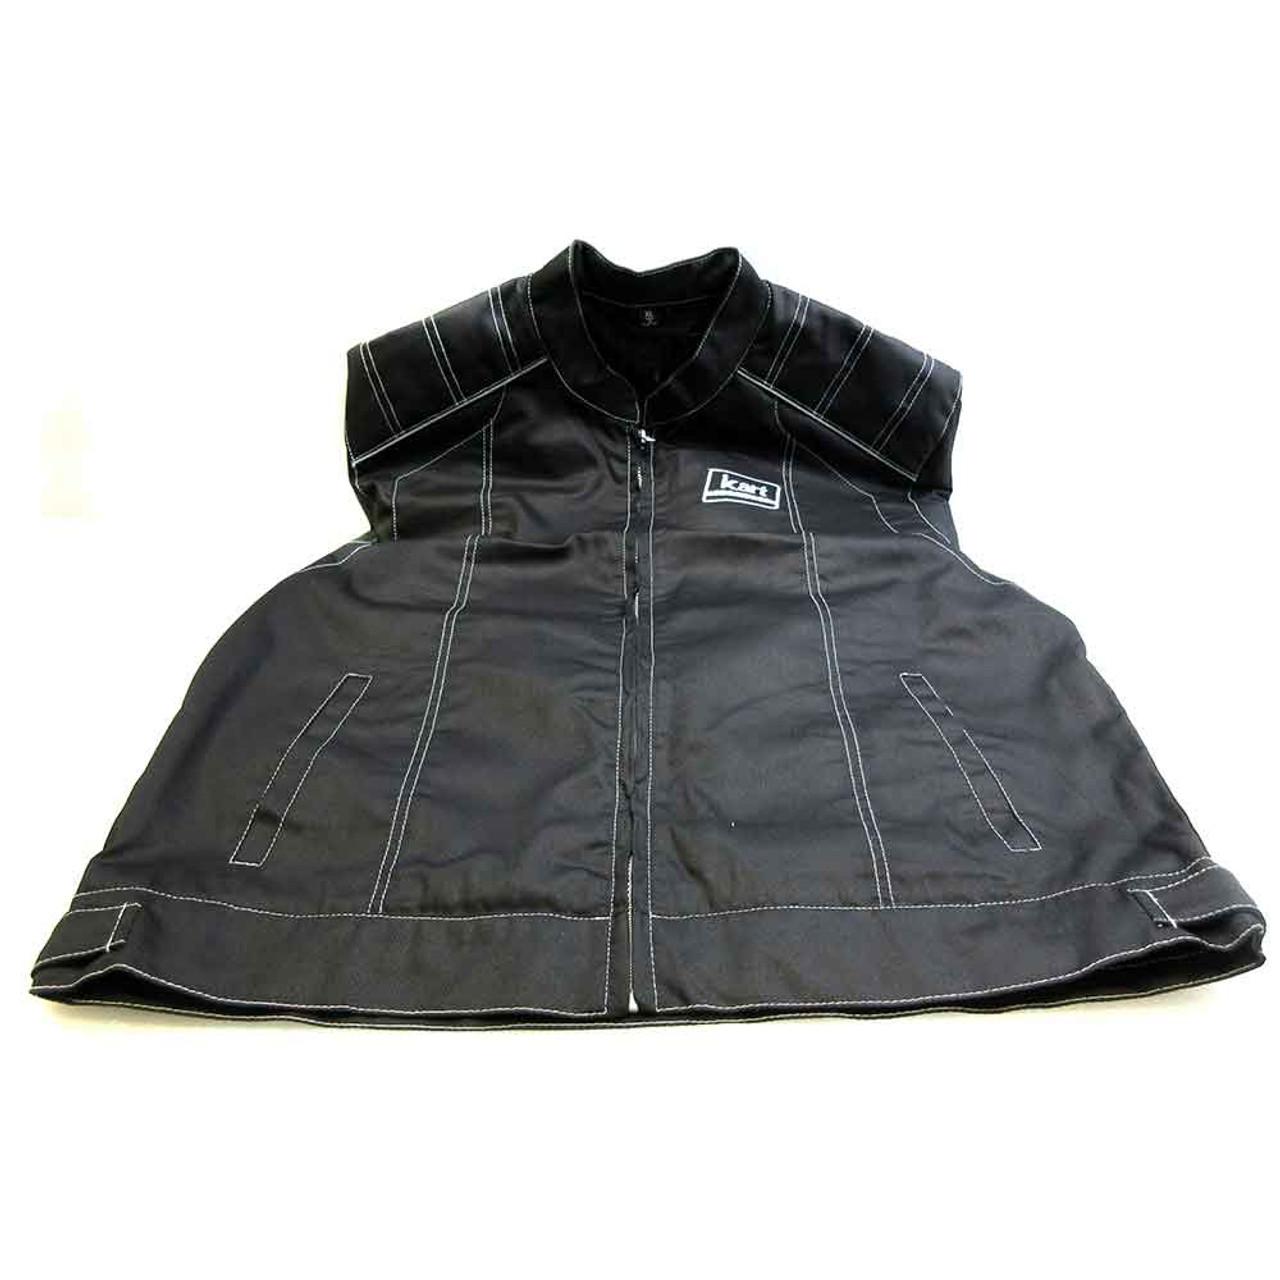 Kart Racewear Adult Premium Karting Jacket, Size:X-Large